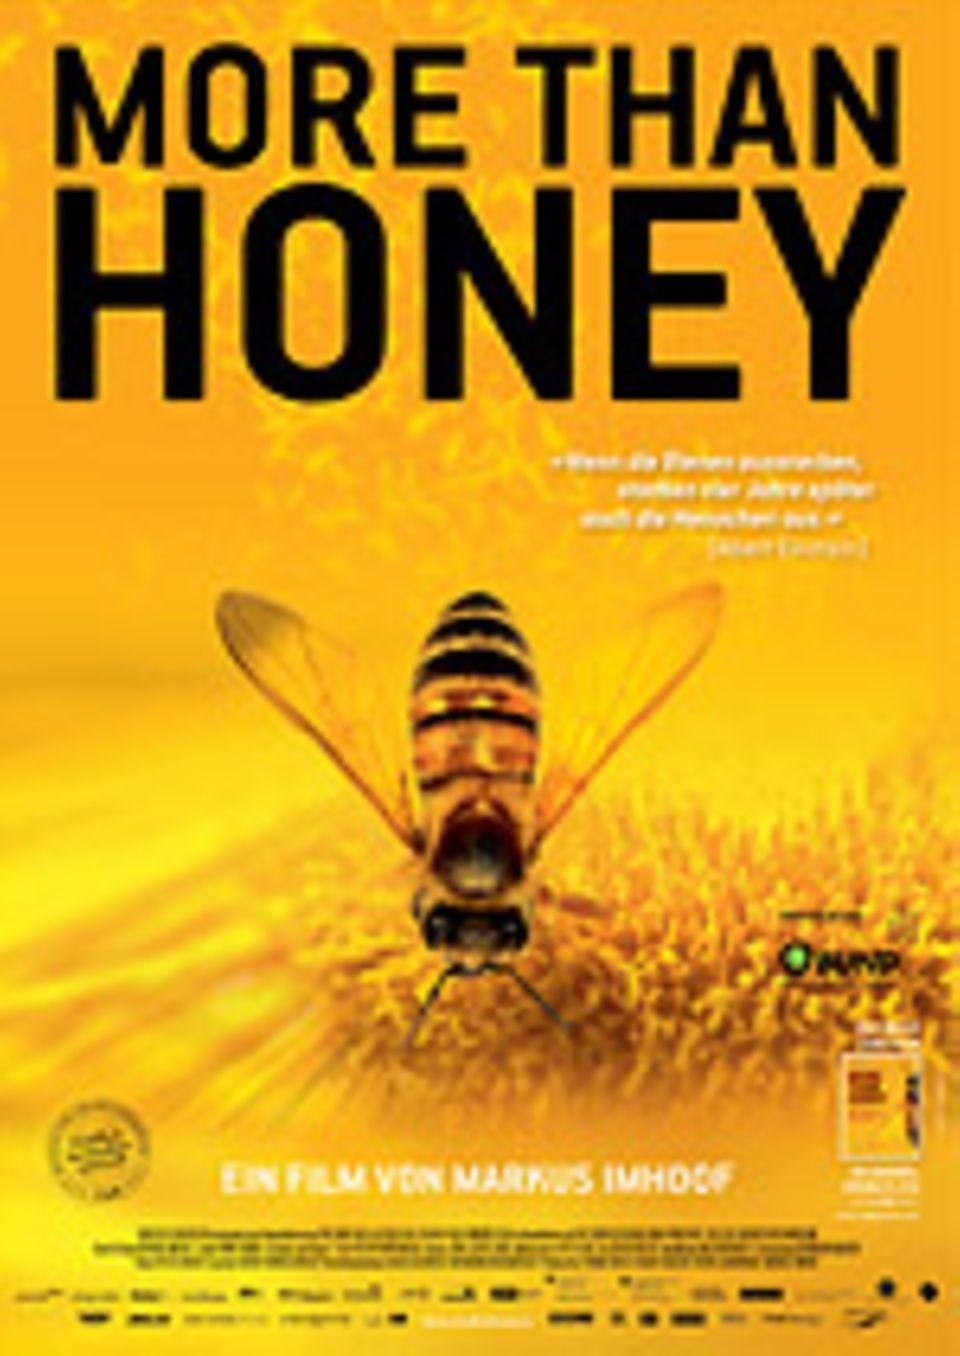 """Umweltschutz: Filmstart von """"More Than Honey"""" ist der 8. 11."""